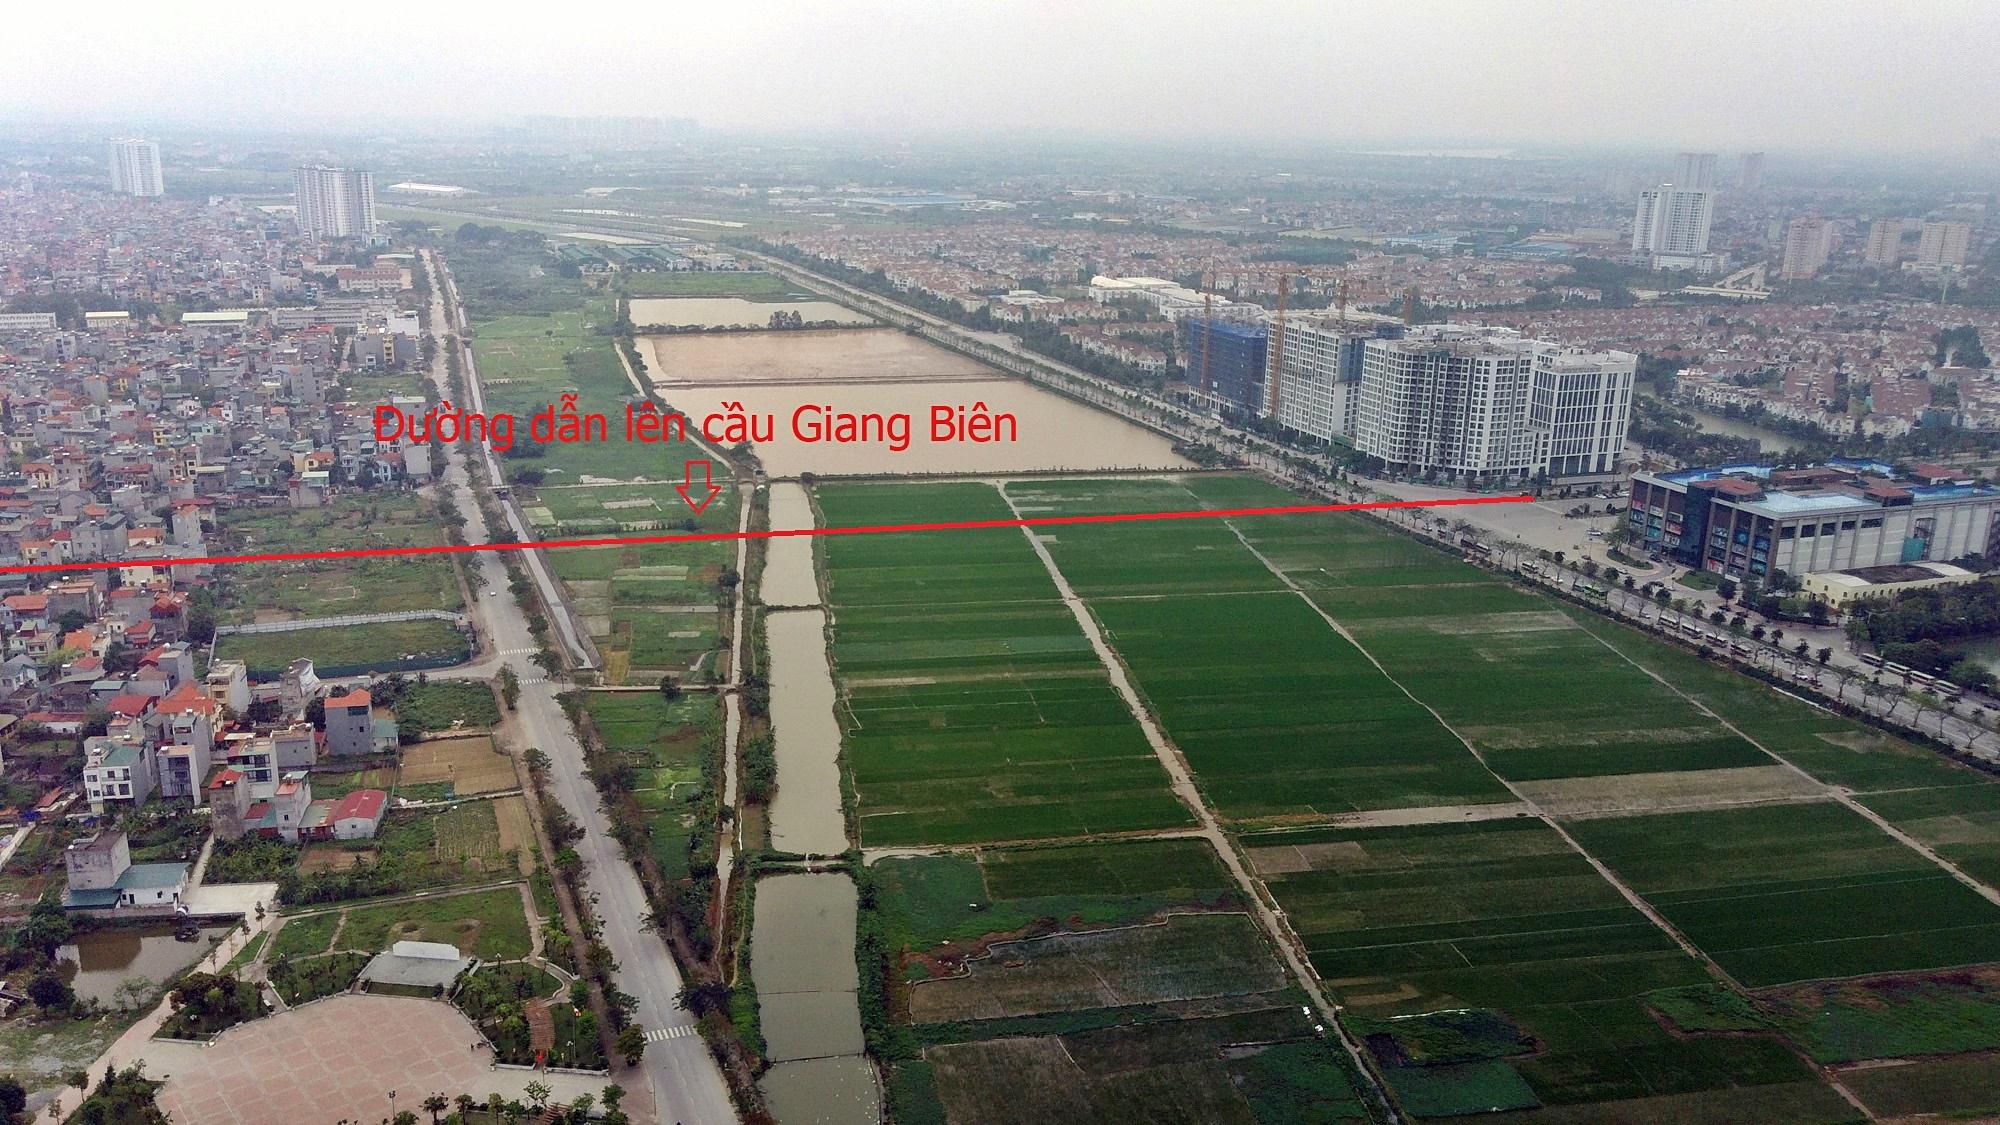 Cầu sẽ mở theo qui hoạch ở Hà Nội: Toành cảnh vị trí làm cầu Giang Biên - Ảnh 4.